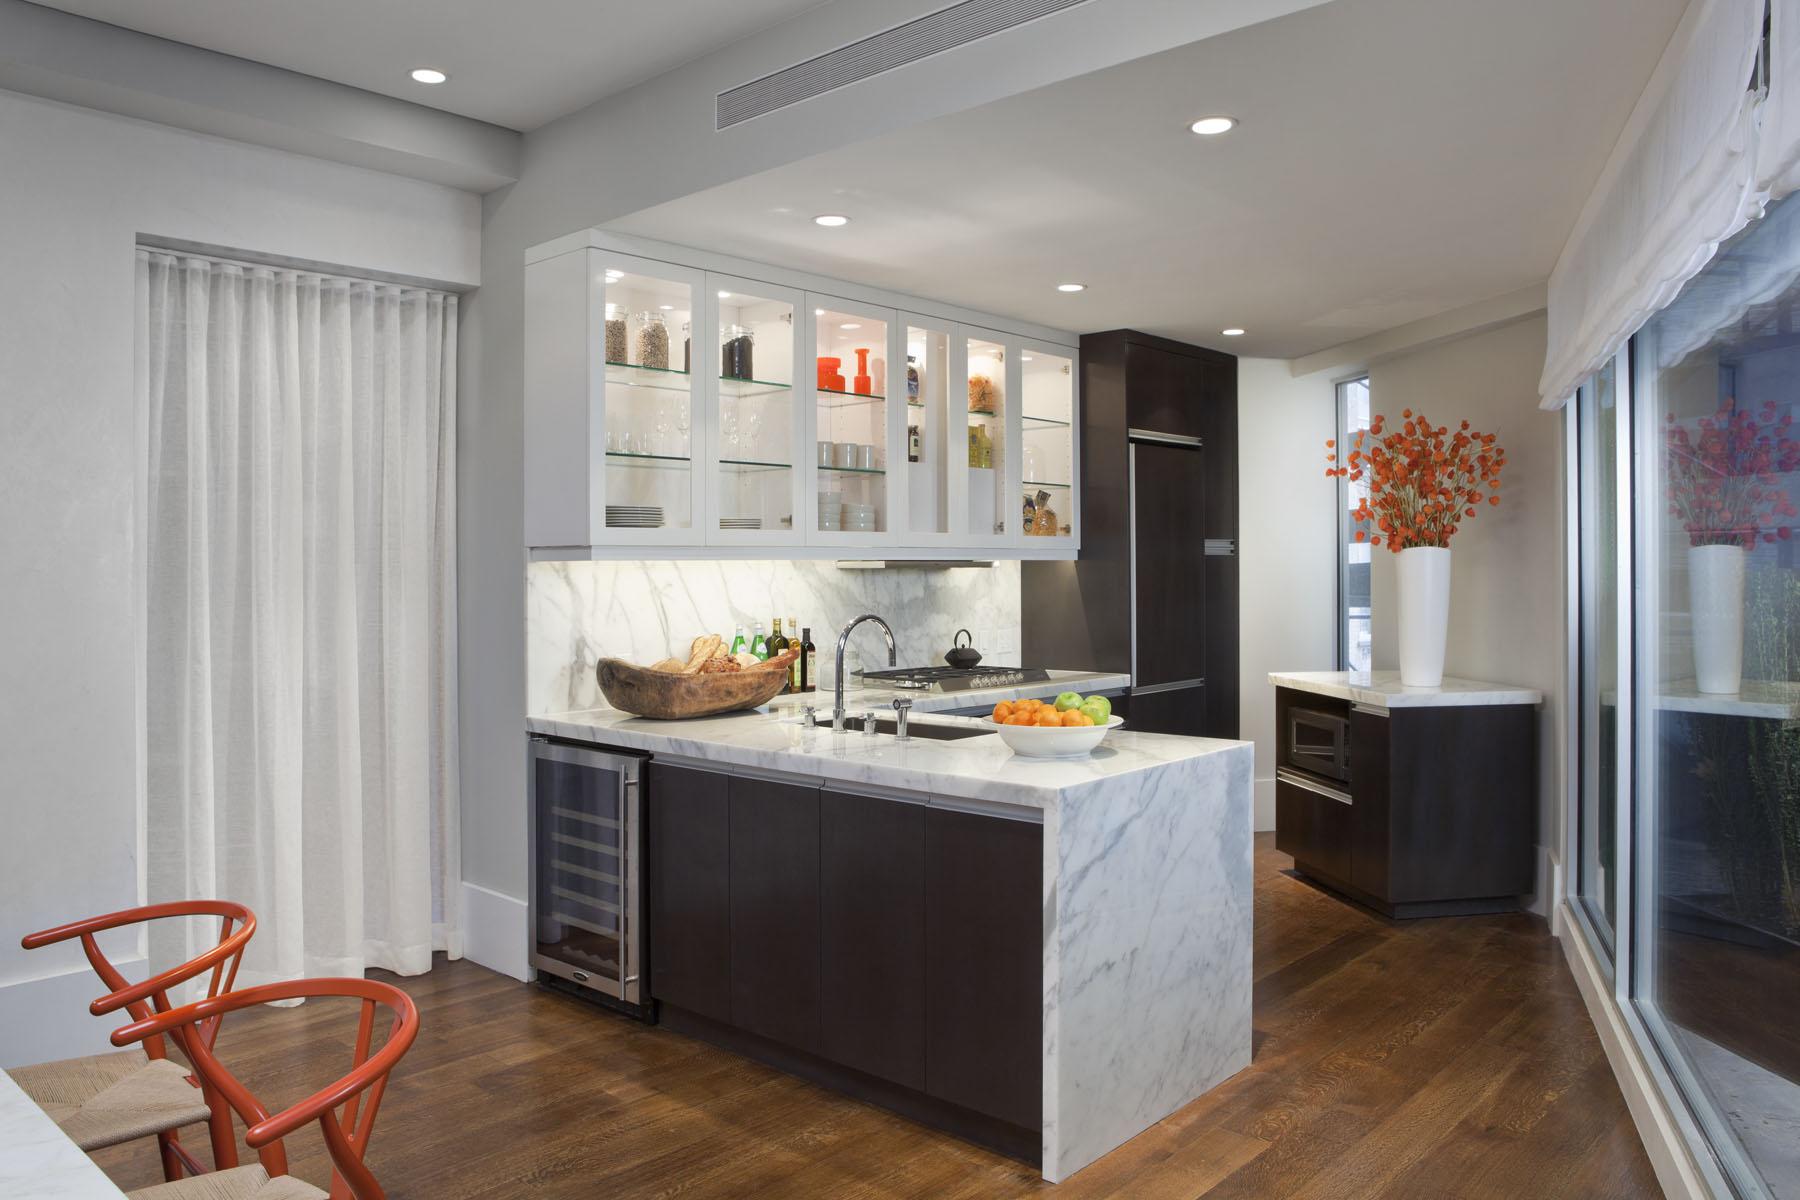 Apartamento de lujo en el centro de nueva york8 - Apartamentos en nueva york centro ...